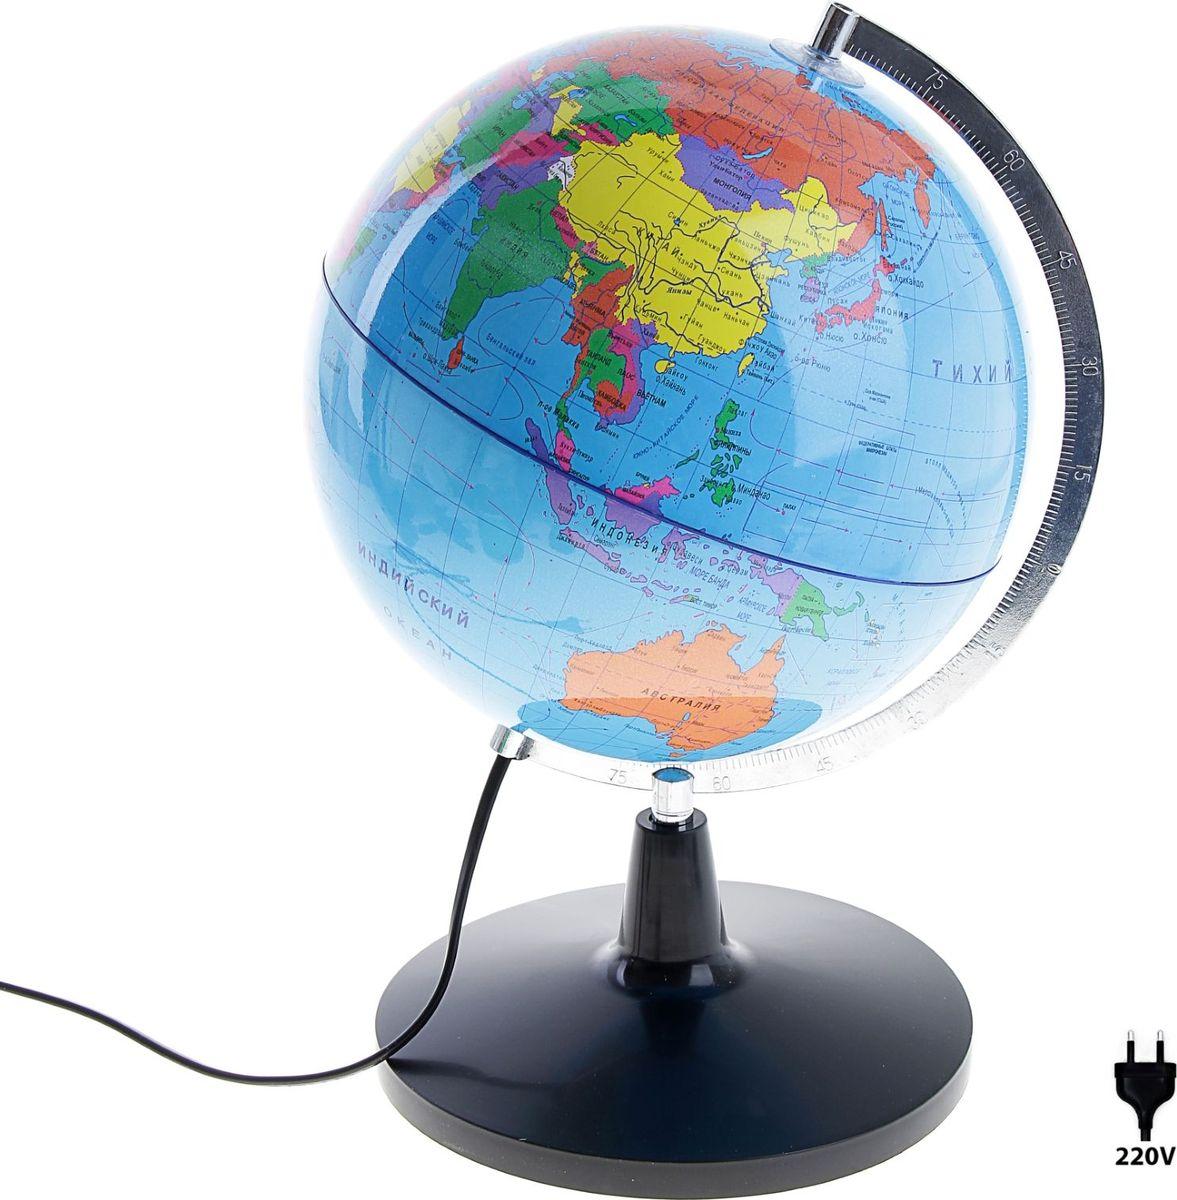 Глобус с подстветкой диаметр 25 см581208Данная модель дает представление о политическом устройстве мира. Макет показывает расположение государств, столиц и крупных населенных пунктов. Названия всех объектов приведены на русском языке. Страны окрашены в разные цвета, чтобы вам было удобнее ориентироваться. Изделие изготовлено из прочного пластика. На глобусе также отображены: экватор параллели меридианы градусы государственные границы демаркационные линии.Используйте глобус как ночник. Он оснащен мягкой, приглушенной LED-подсветкой. Характеристики Высота глобуса с подставкой: 39 см. Диаметр: 25 см. Масштаб: 1:52 000 000.